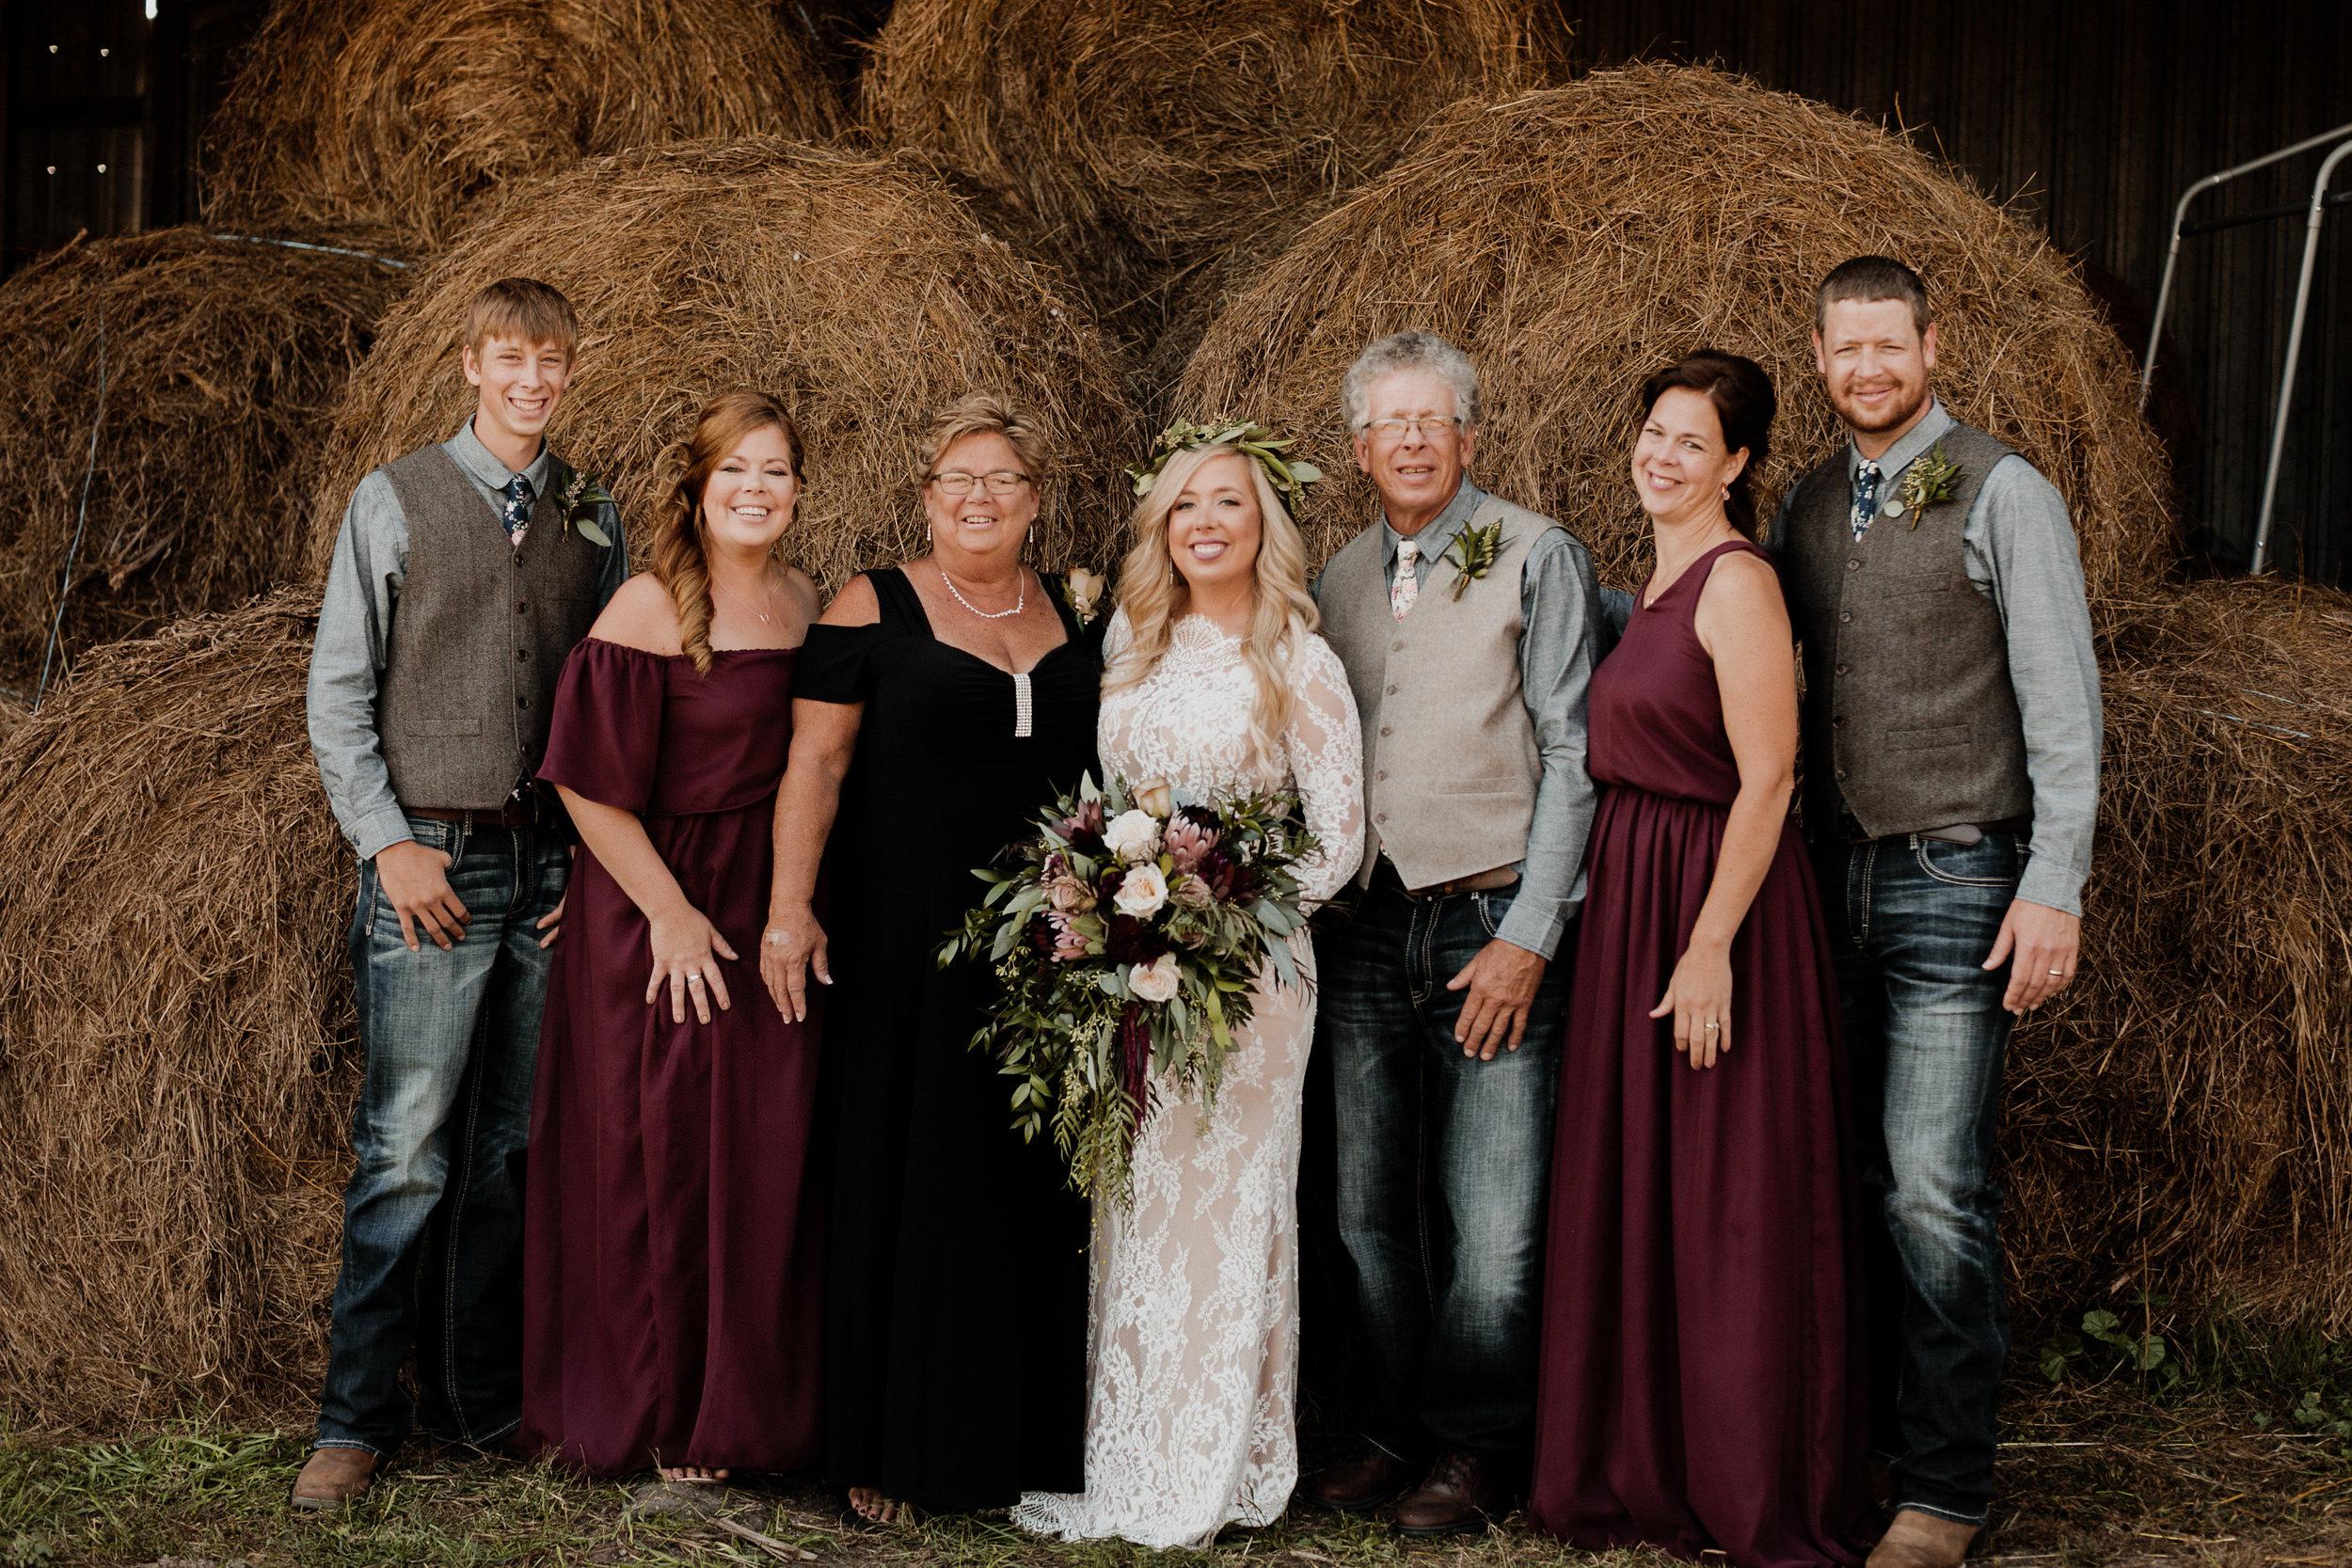 Skylar+Brock_Wedding_TonyaHjortPhotography-470.jpg